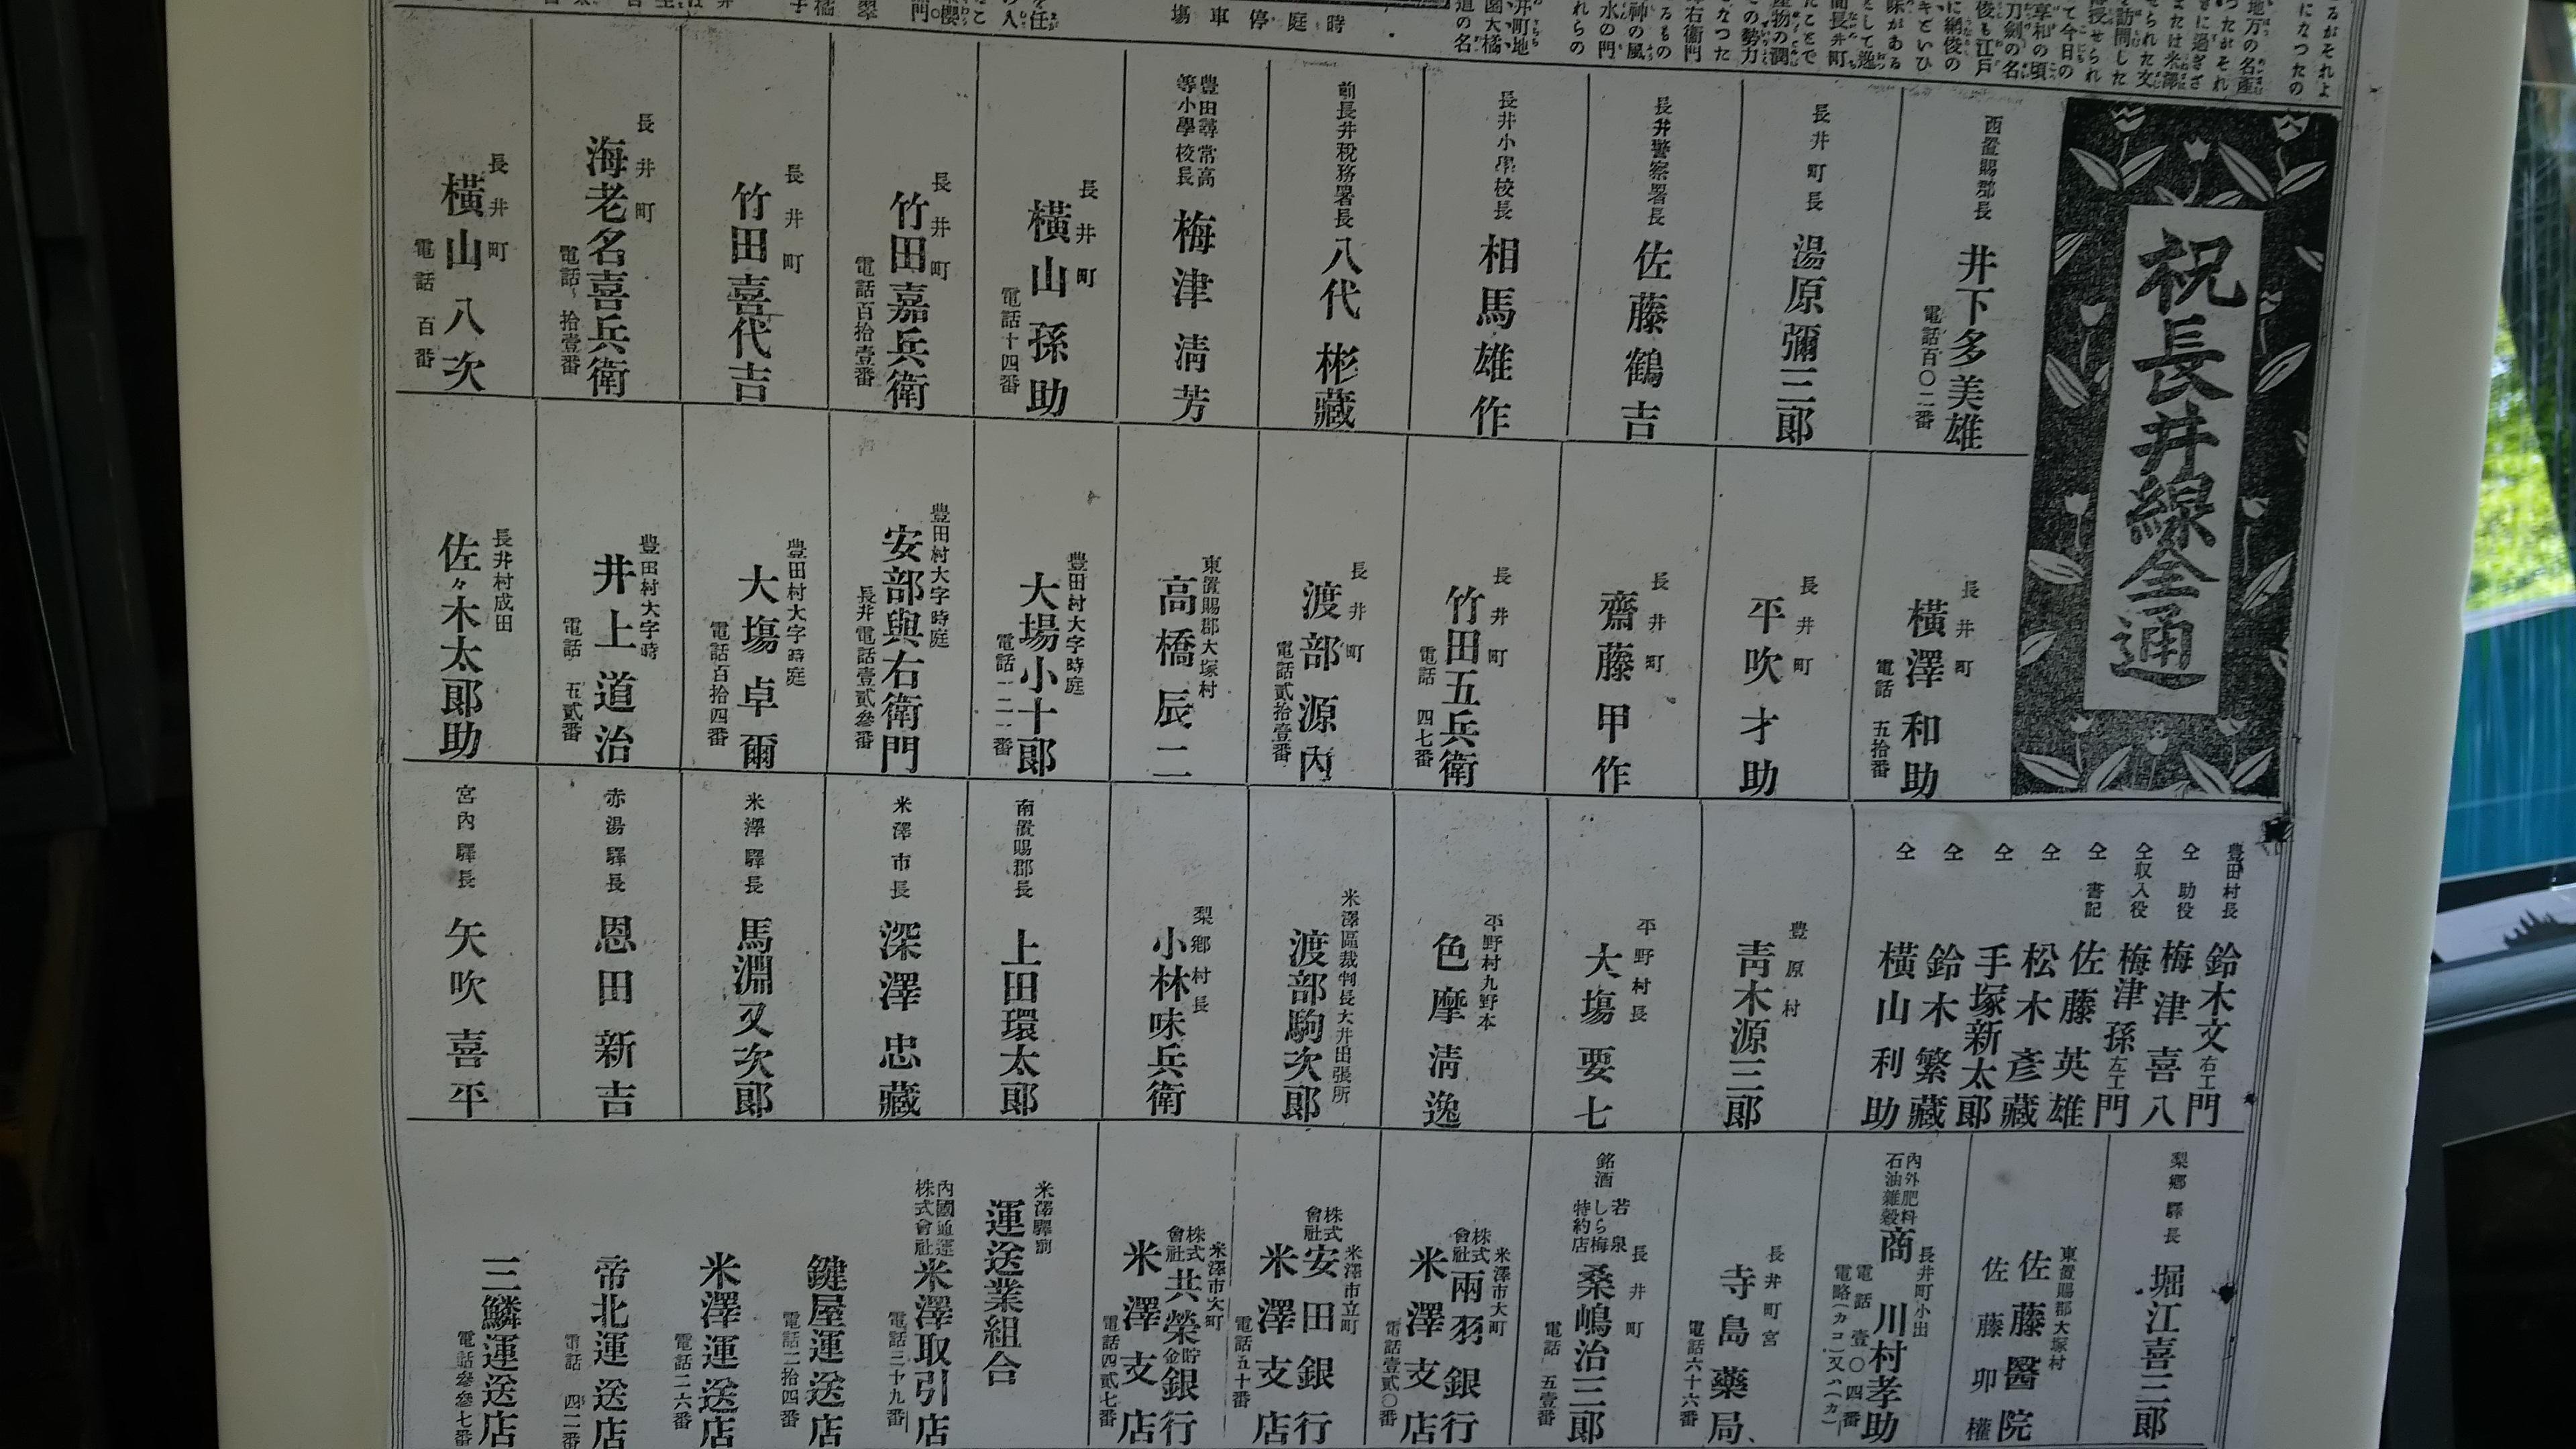 軽便鉄道長井線開通記念号